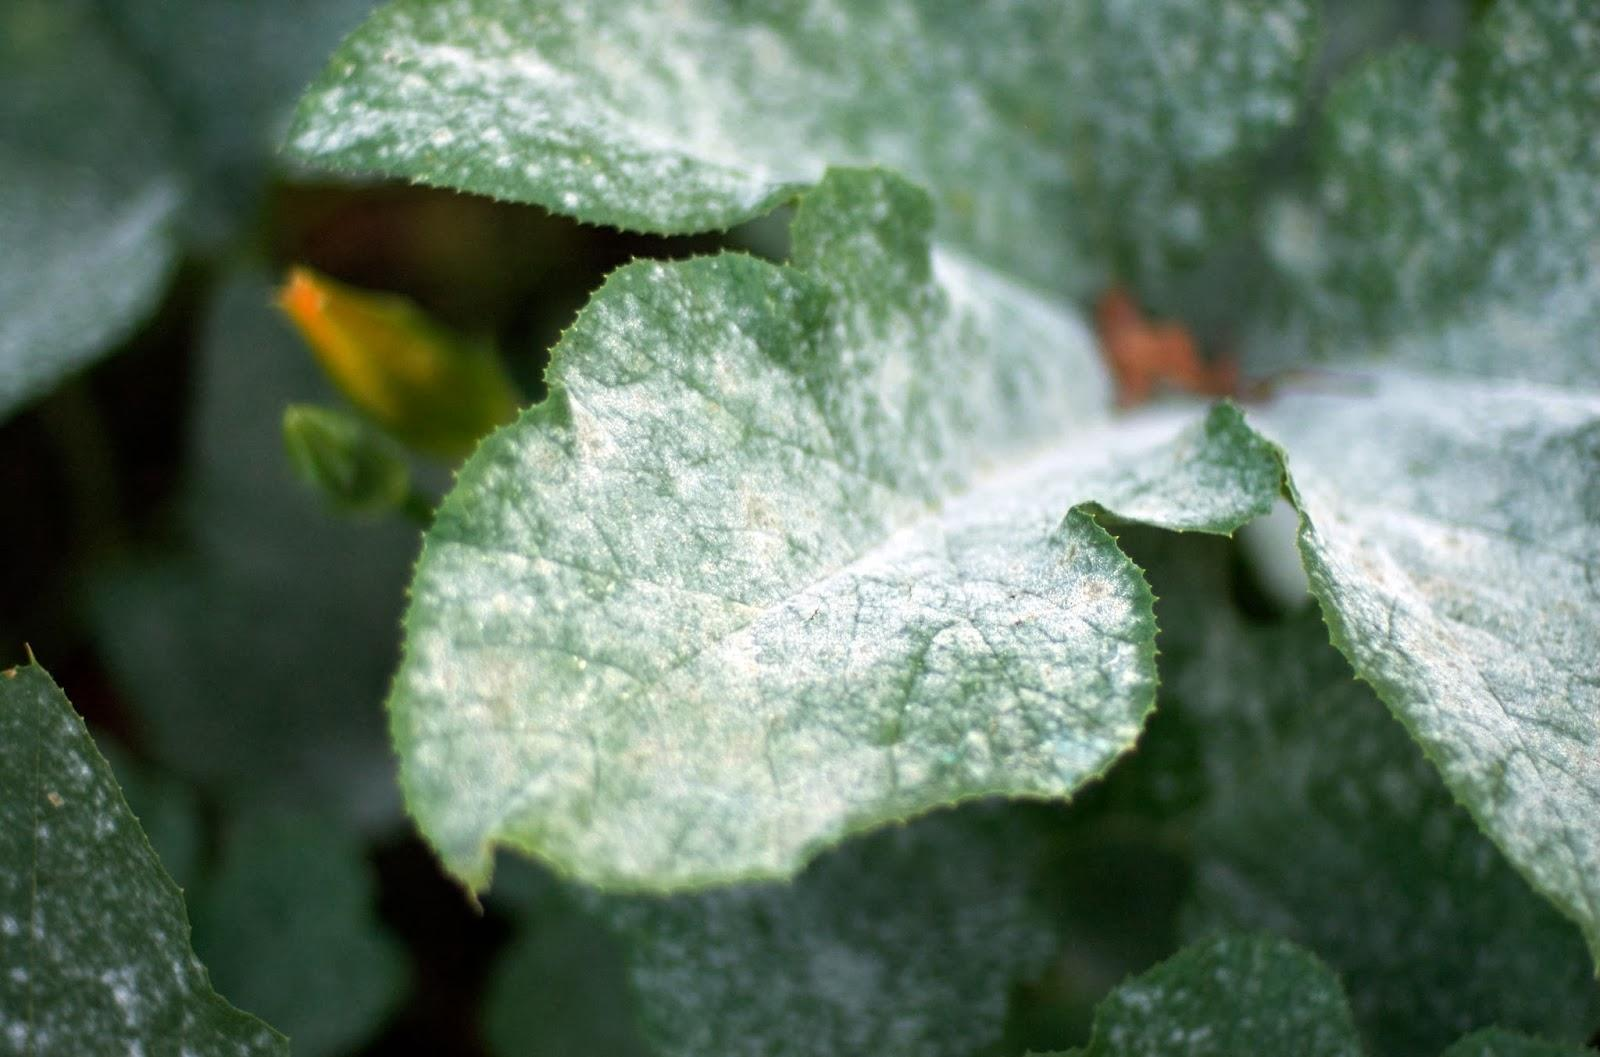 На листьях смородины белый налет – чем обработать